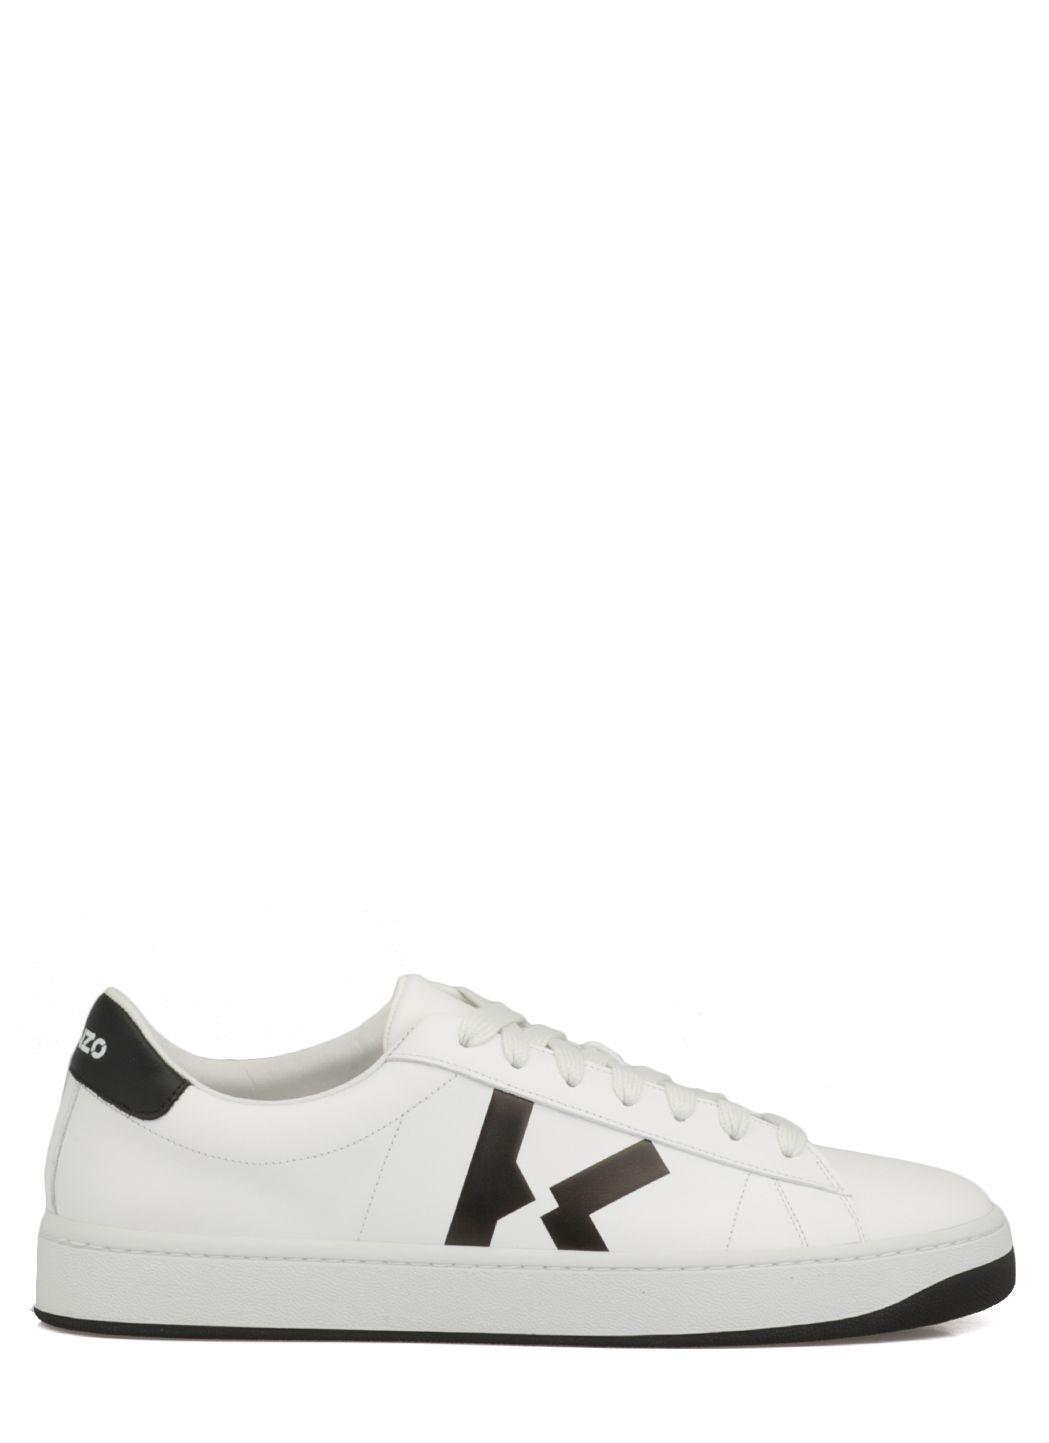 Kourt leather sneaker